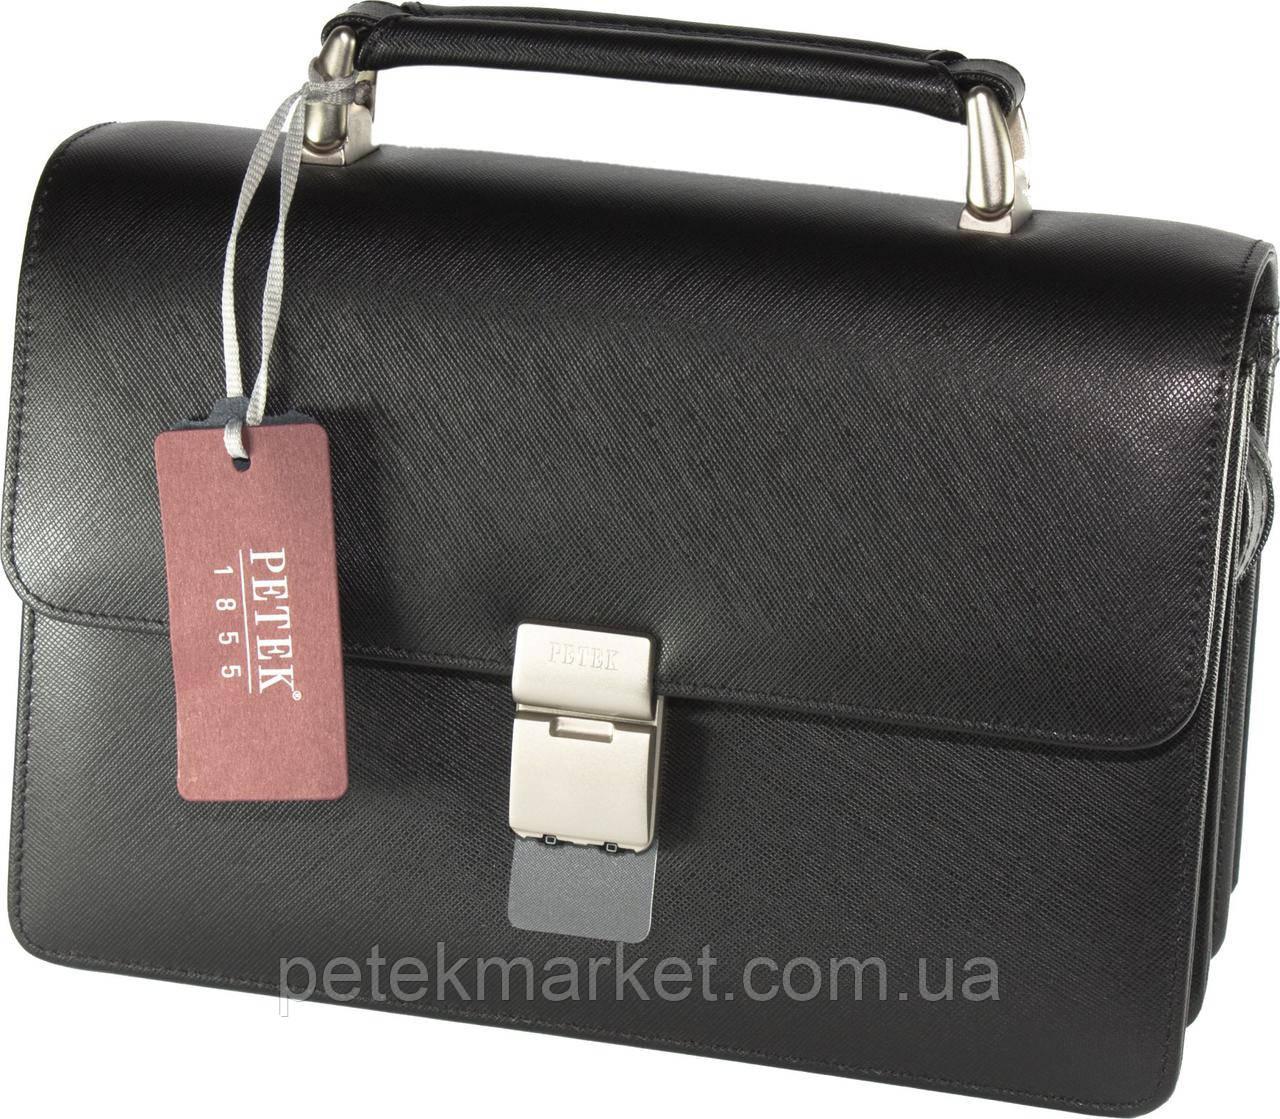 Барсетка PETEK 759 Черный (759-283-01)